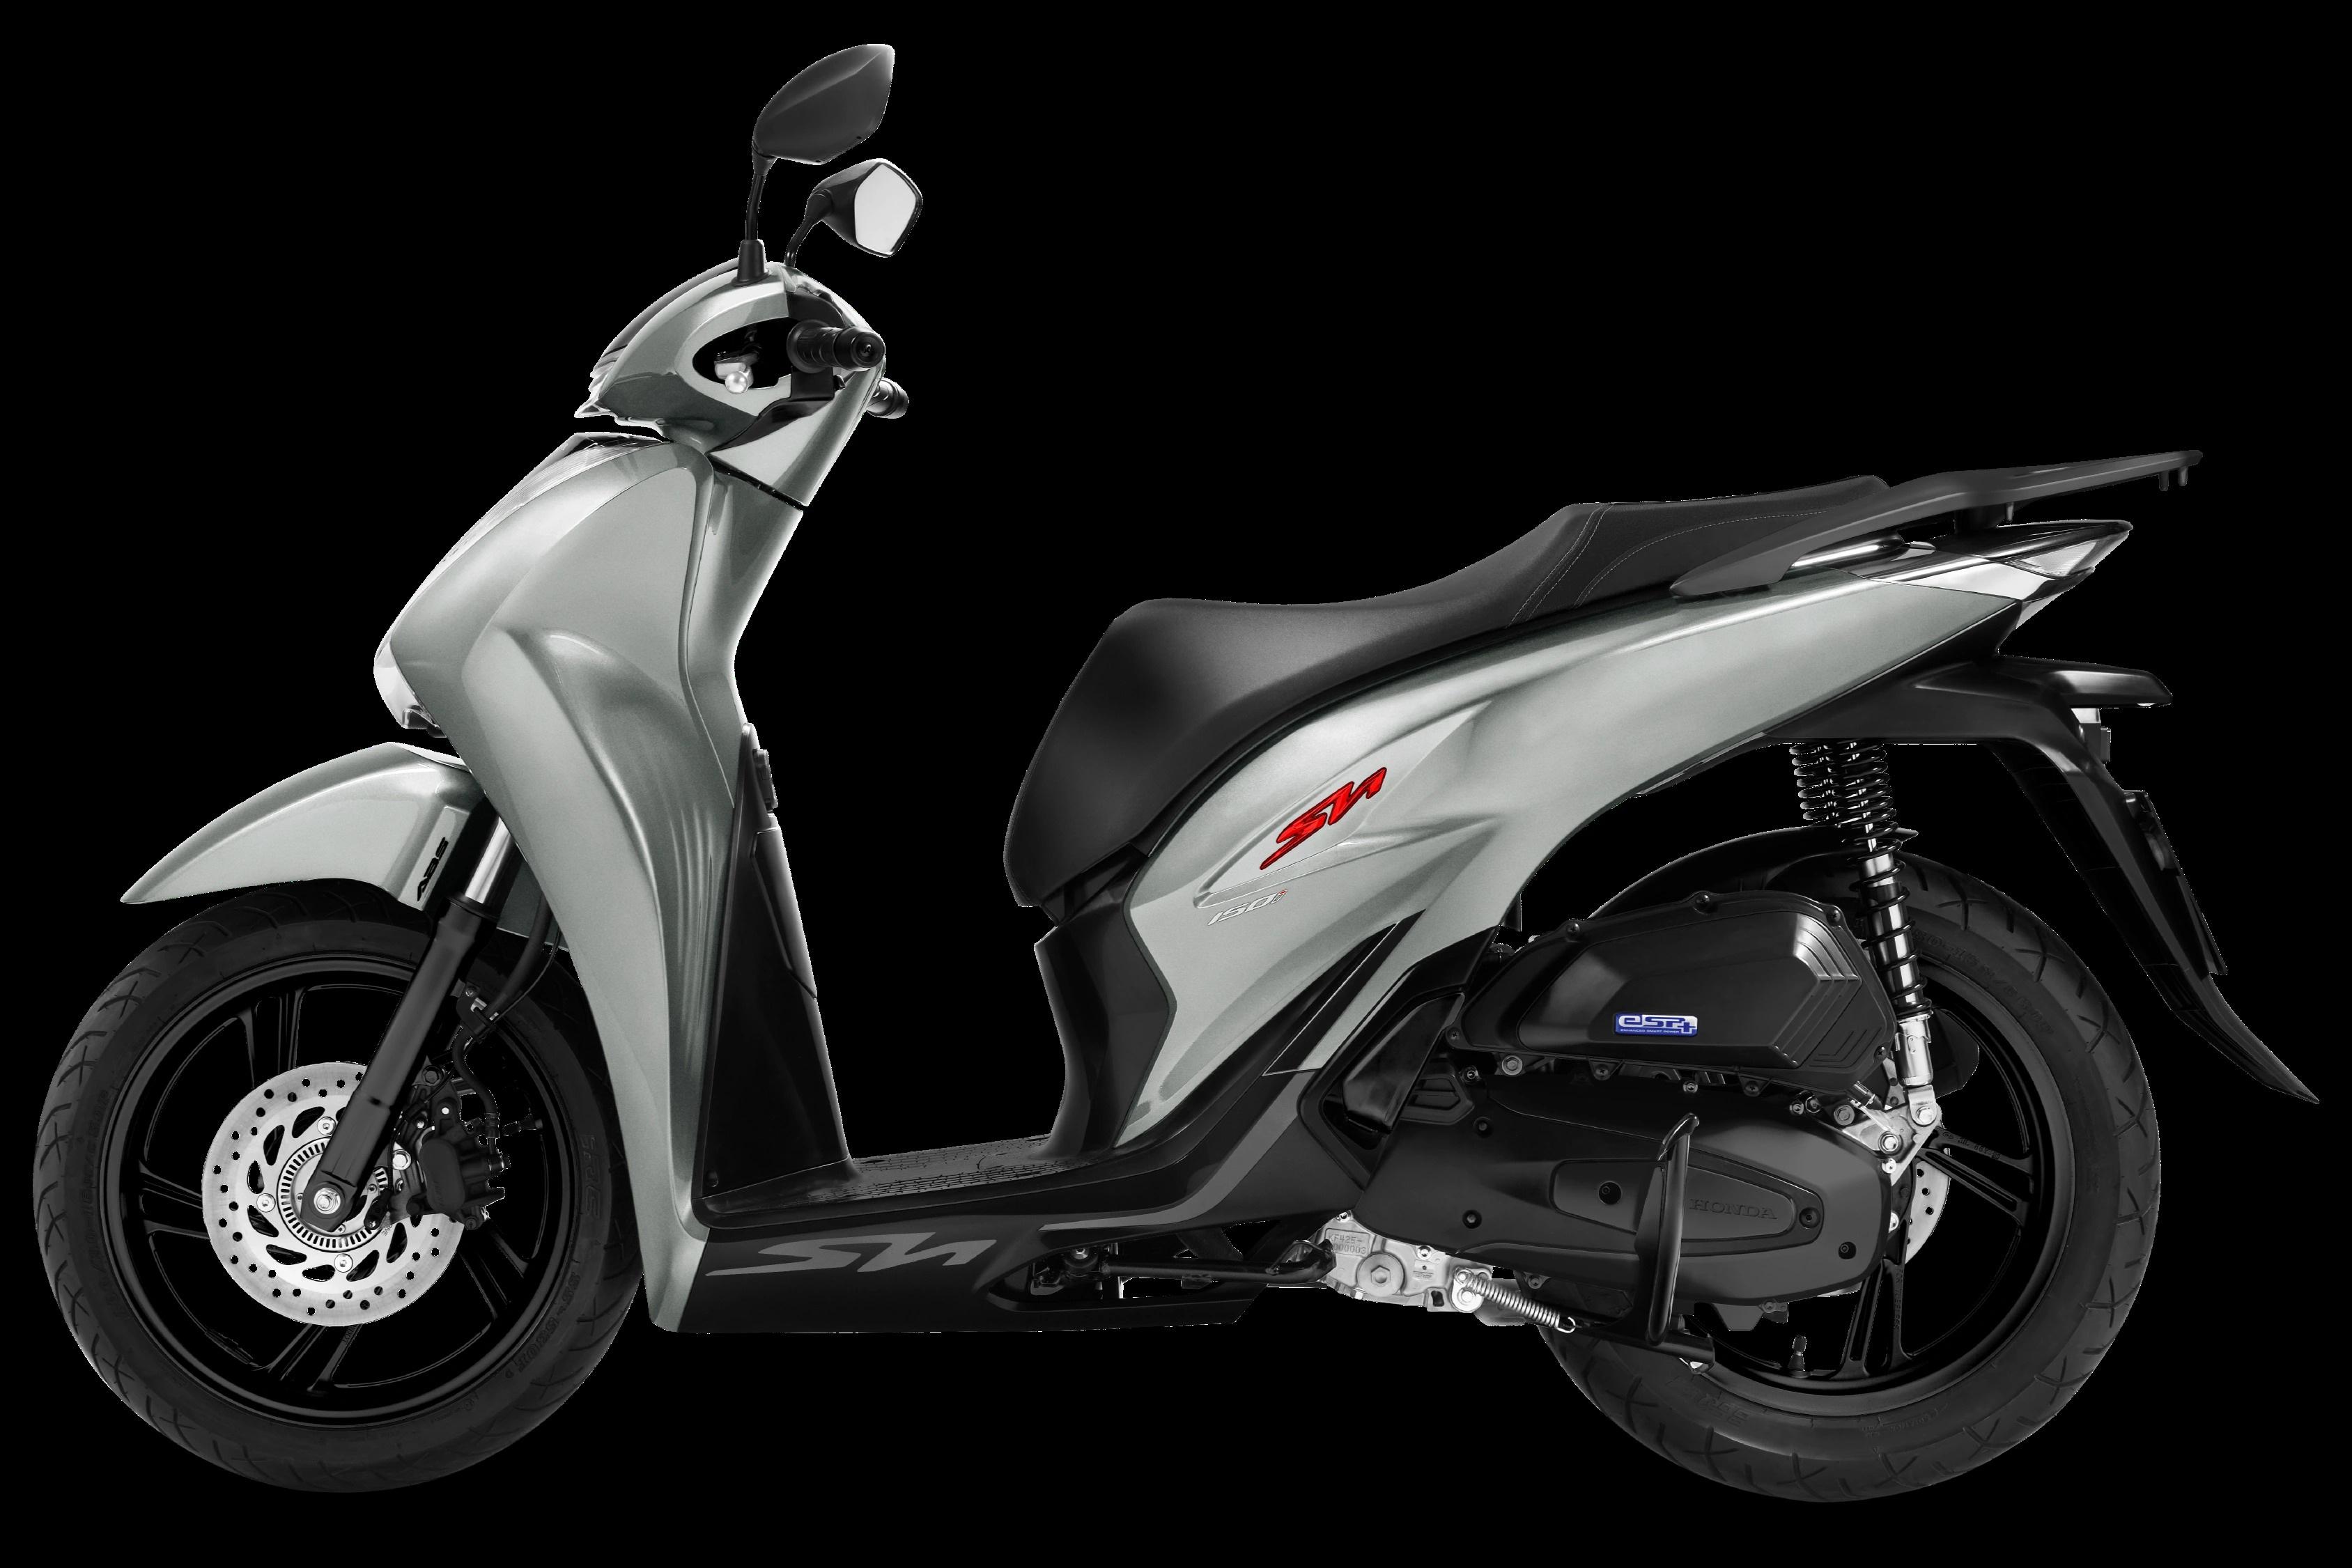 Honda SH 125i và 150i tăng giá bán, thêm màu mới tại Việt Nam